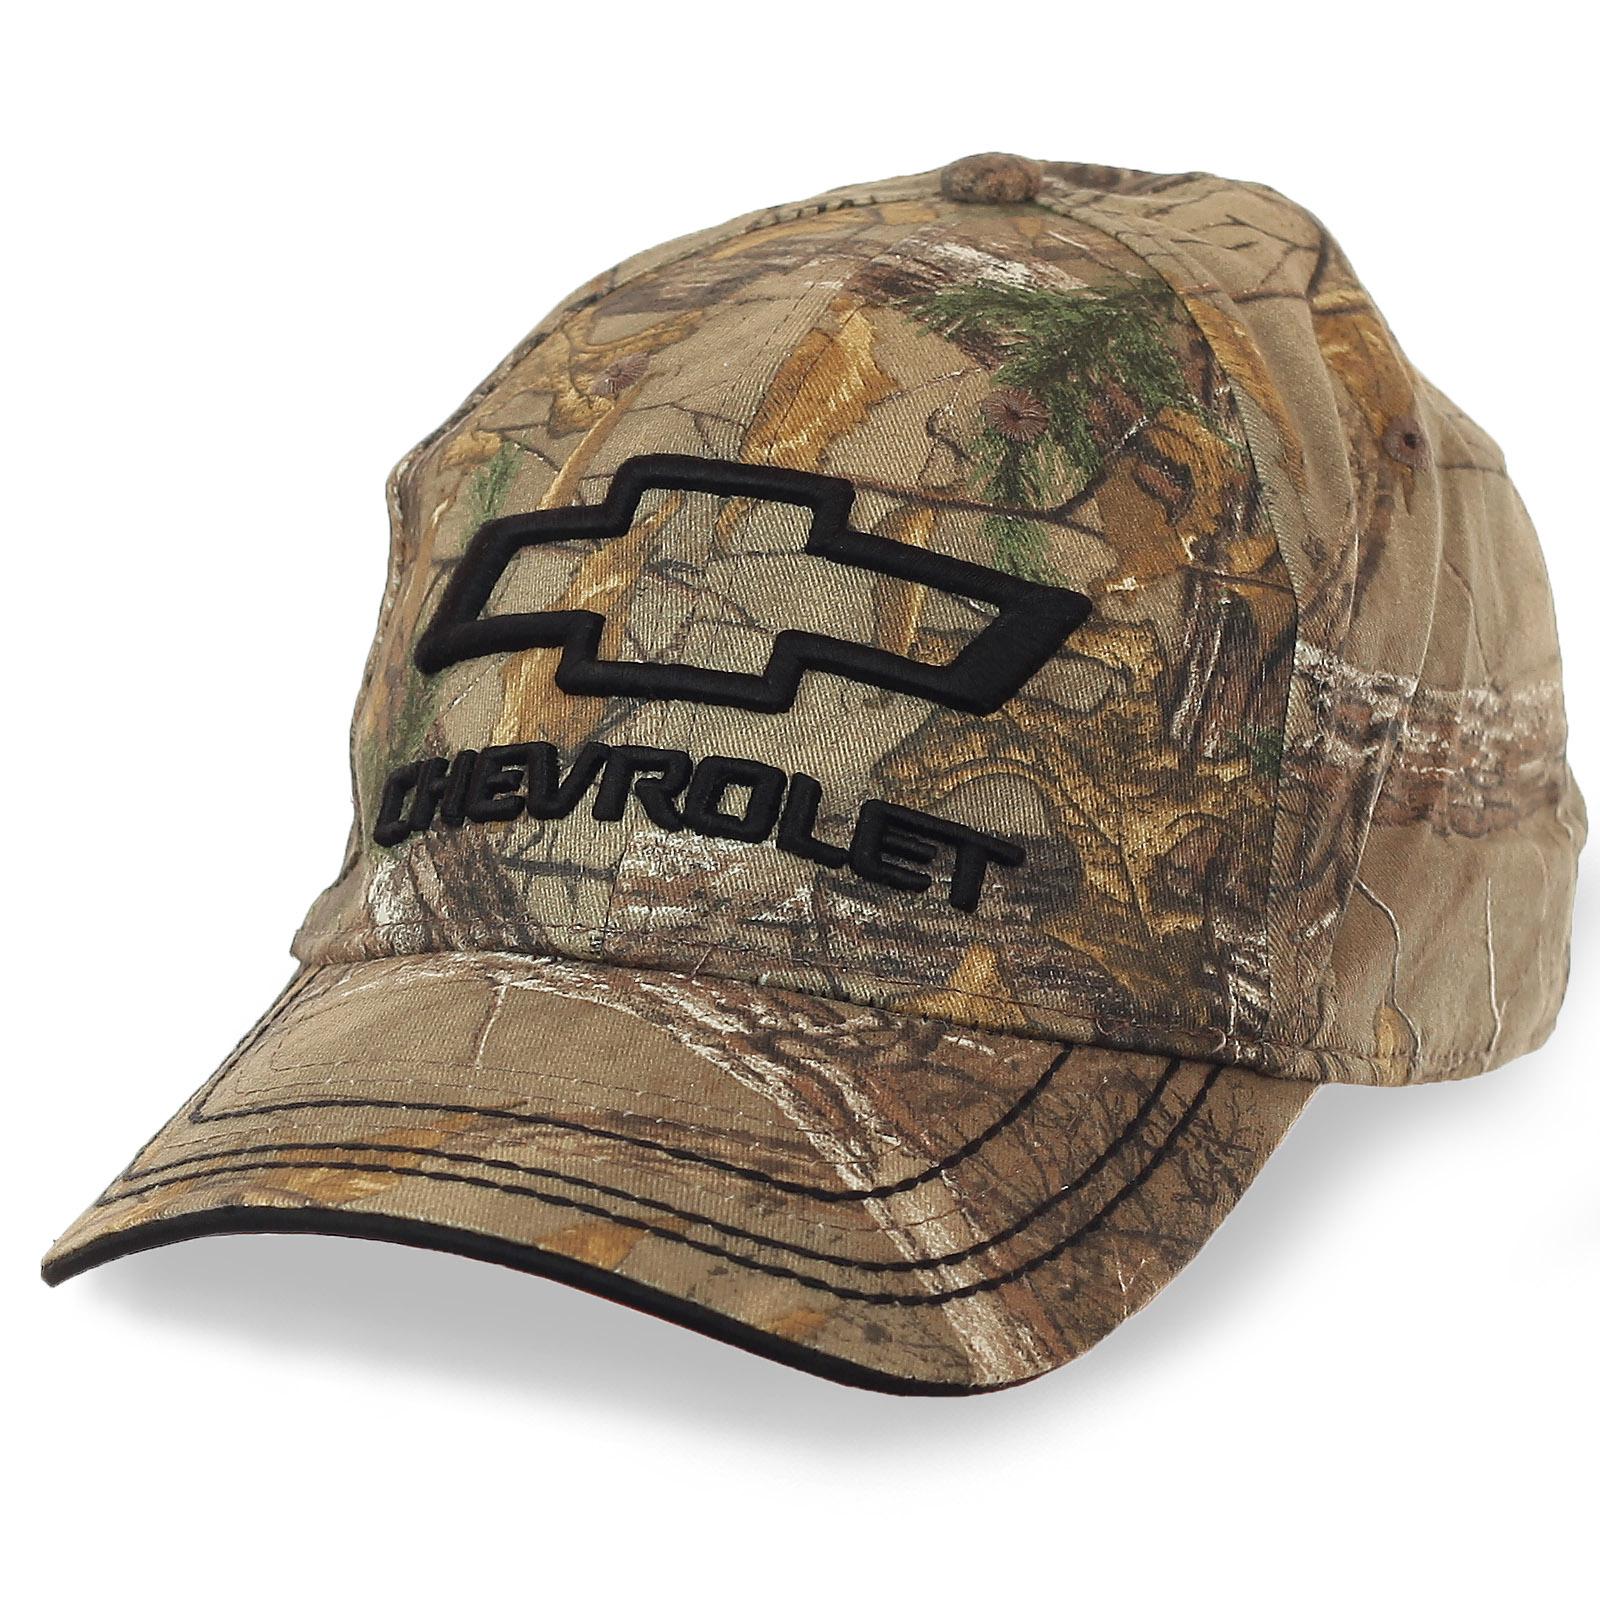 Камуфляжная бейсболка с логотипом Chevrolet. Модель 2 в 1: эффектный аксессуар и эффективная маскировка на охоте, рыбалке в турпоходе